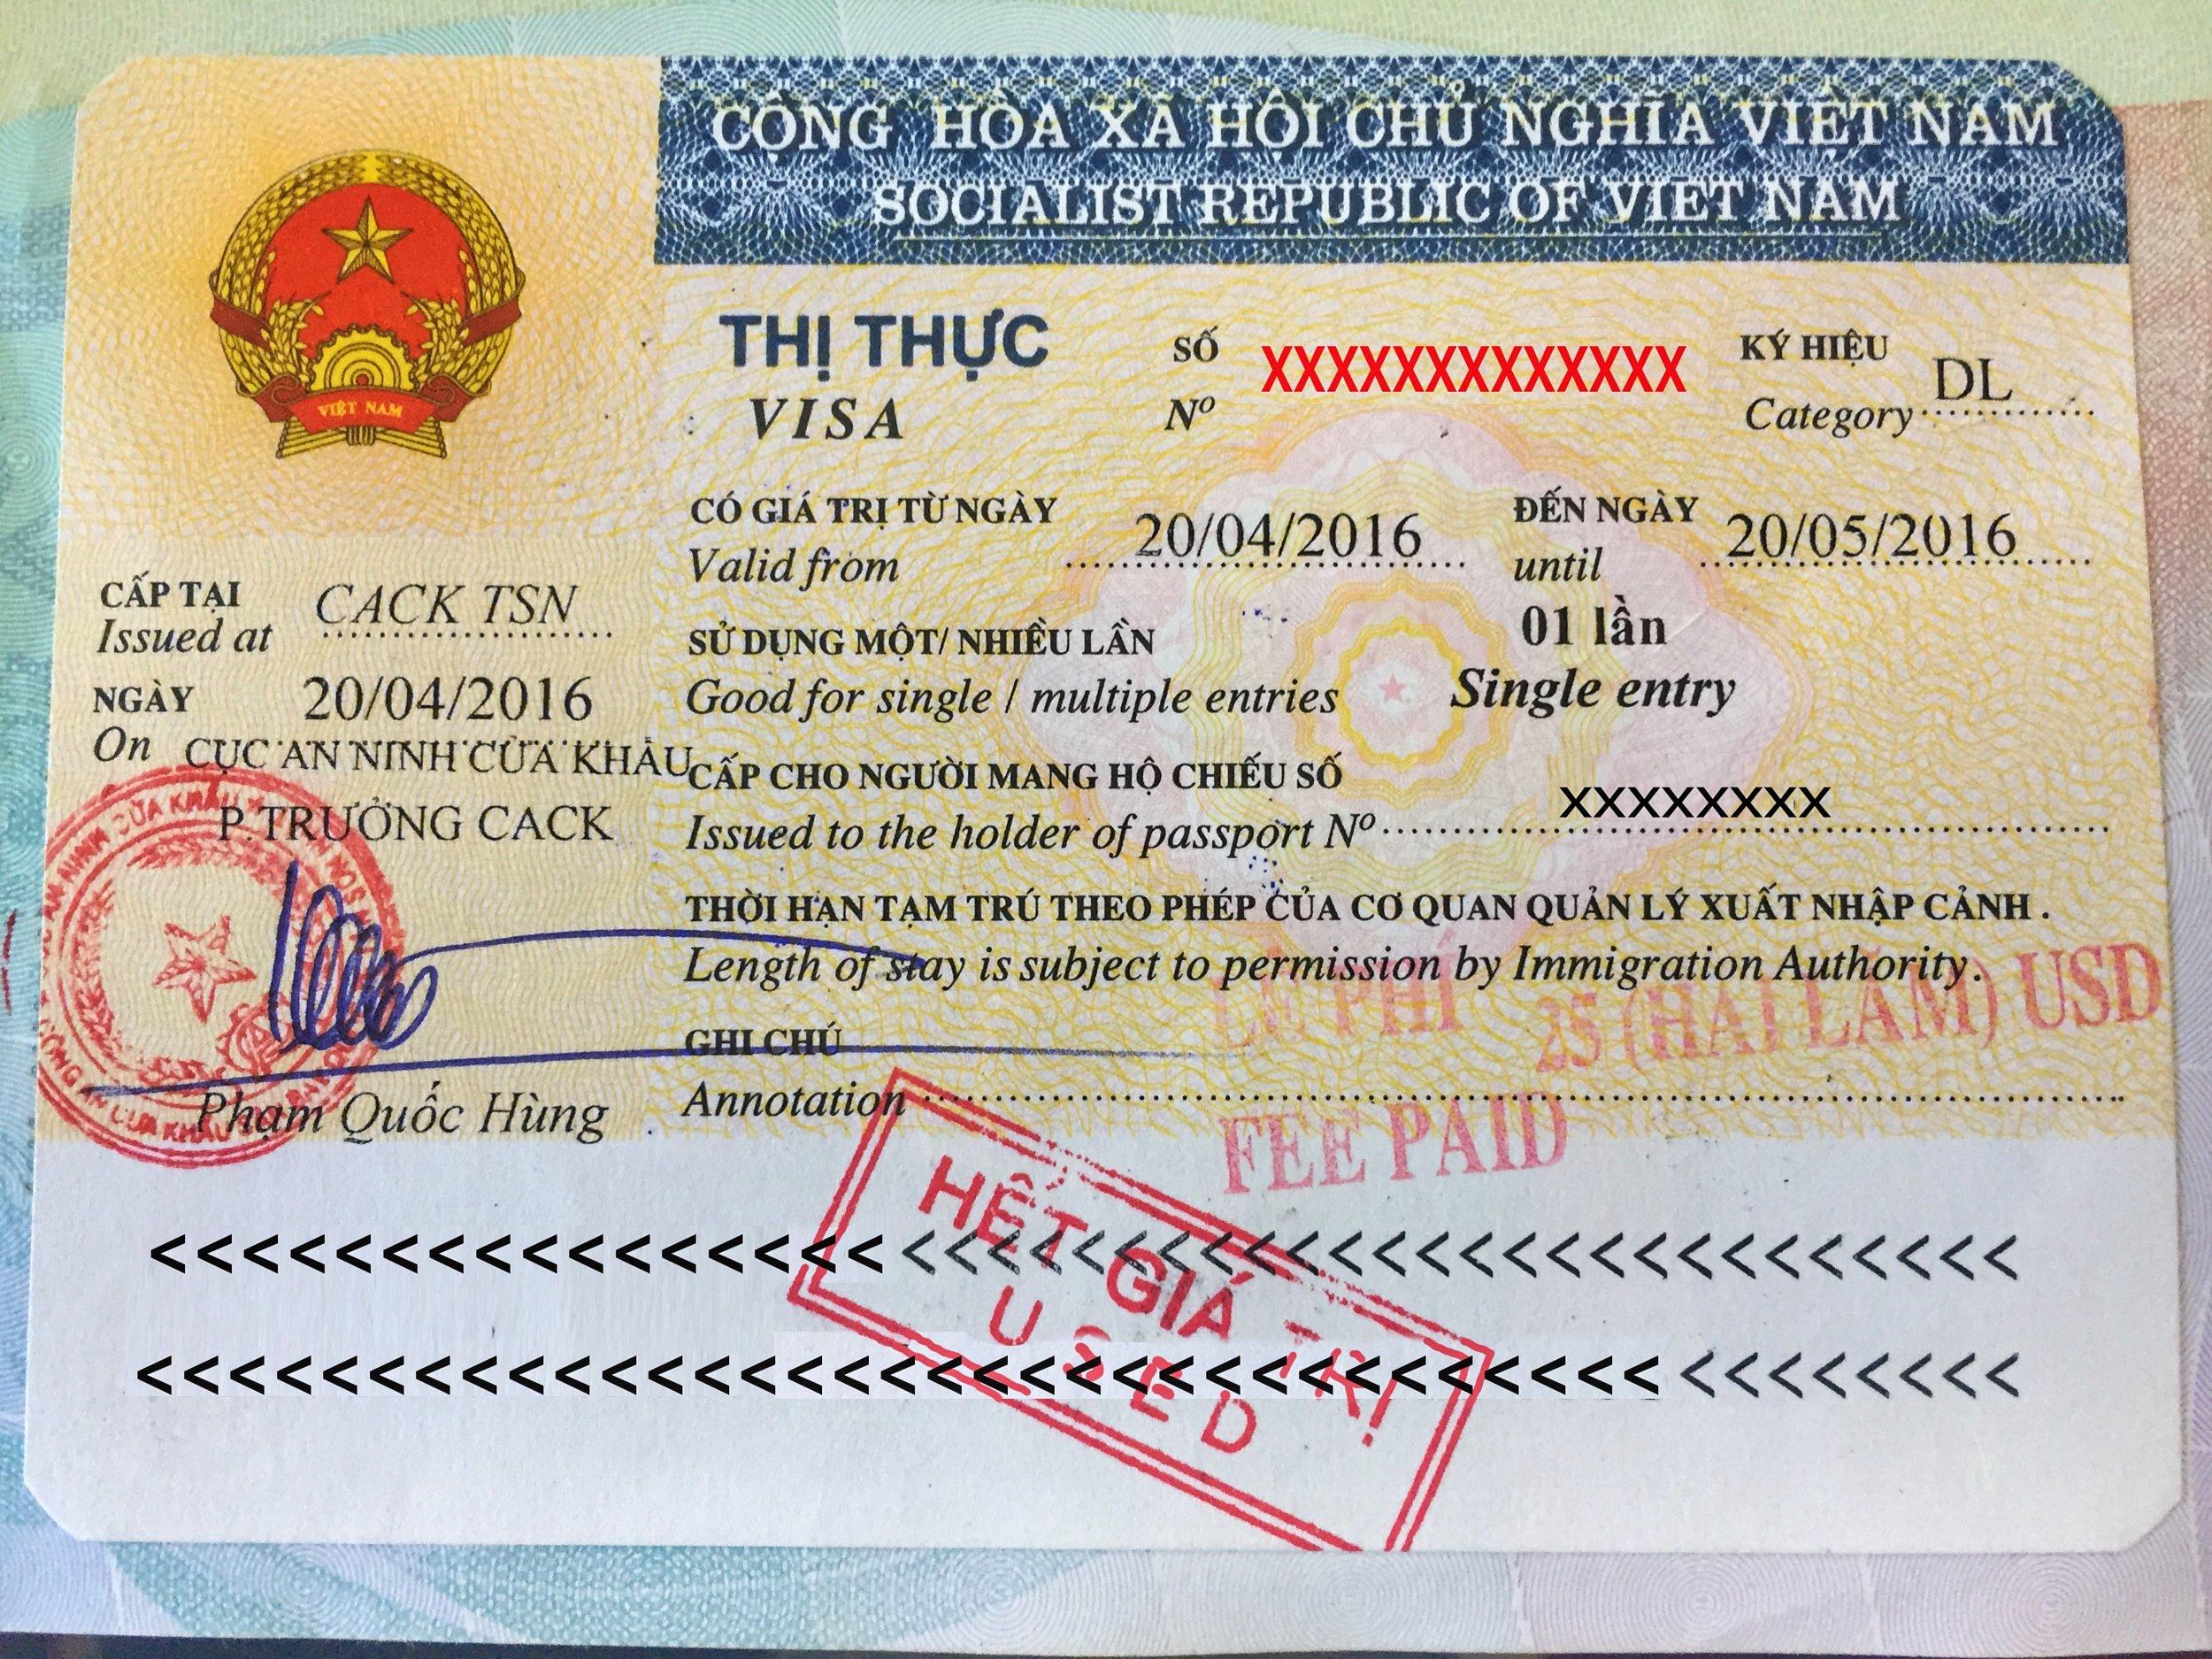 Vietnam visa in my passport.